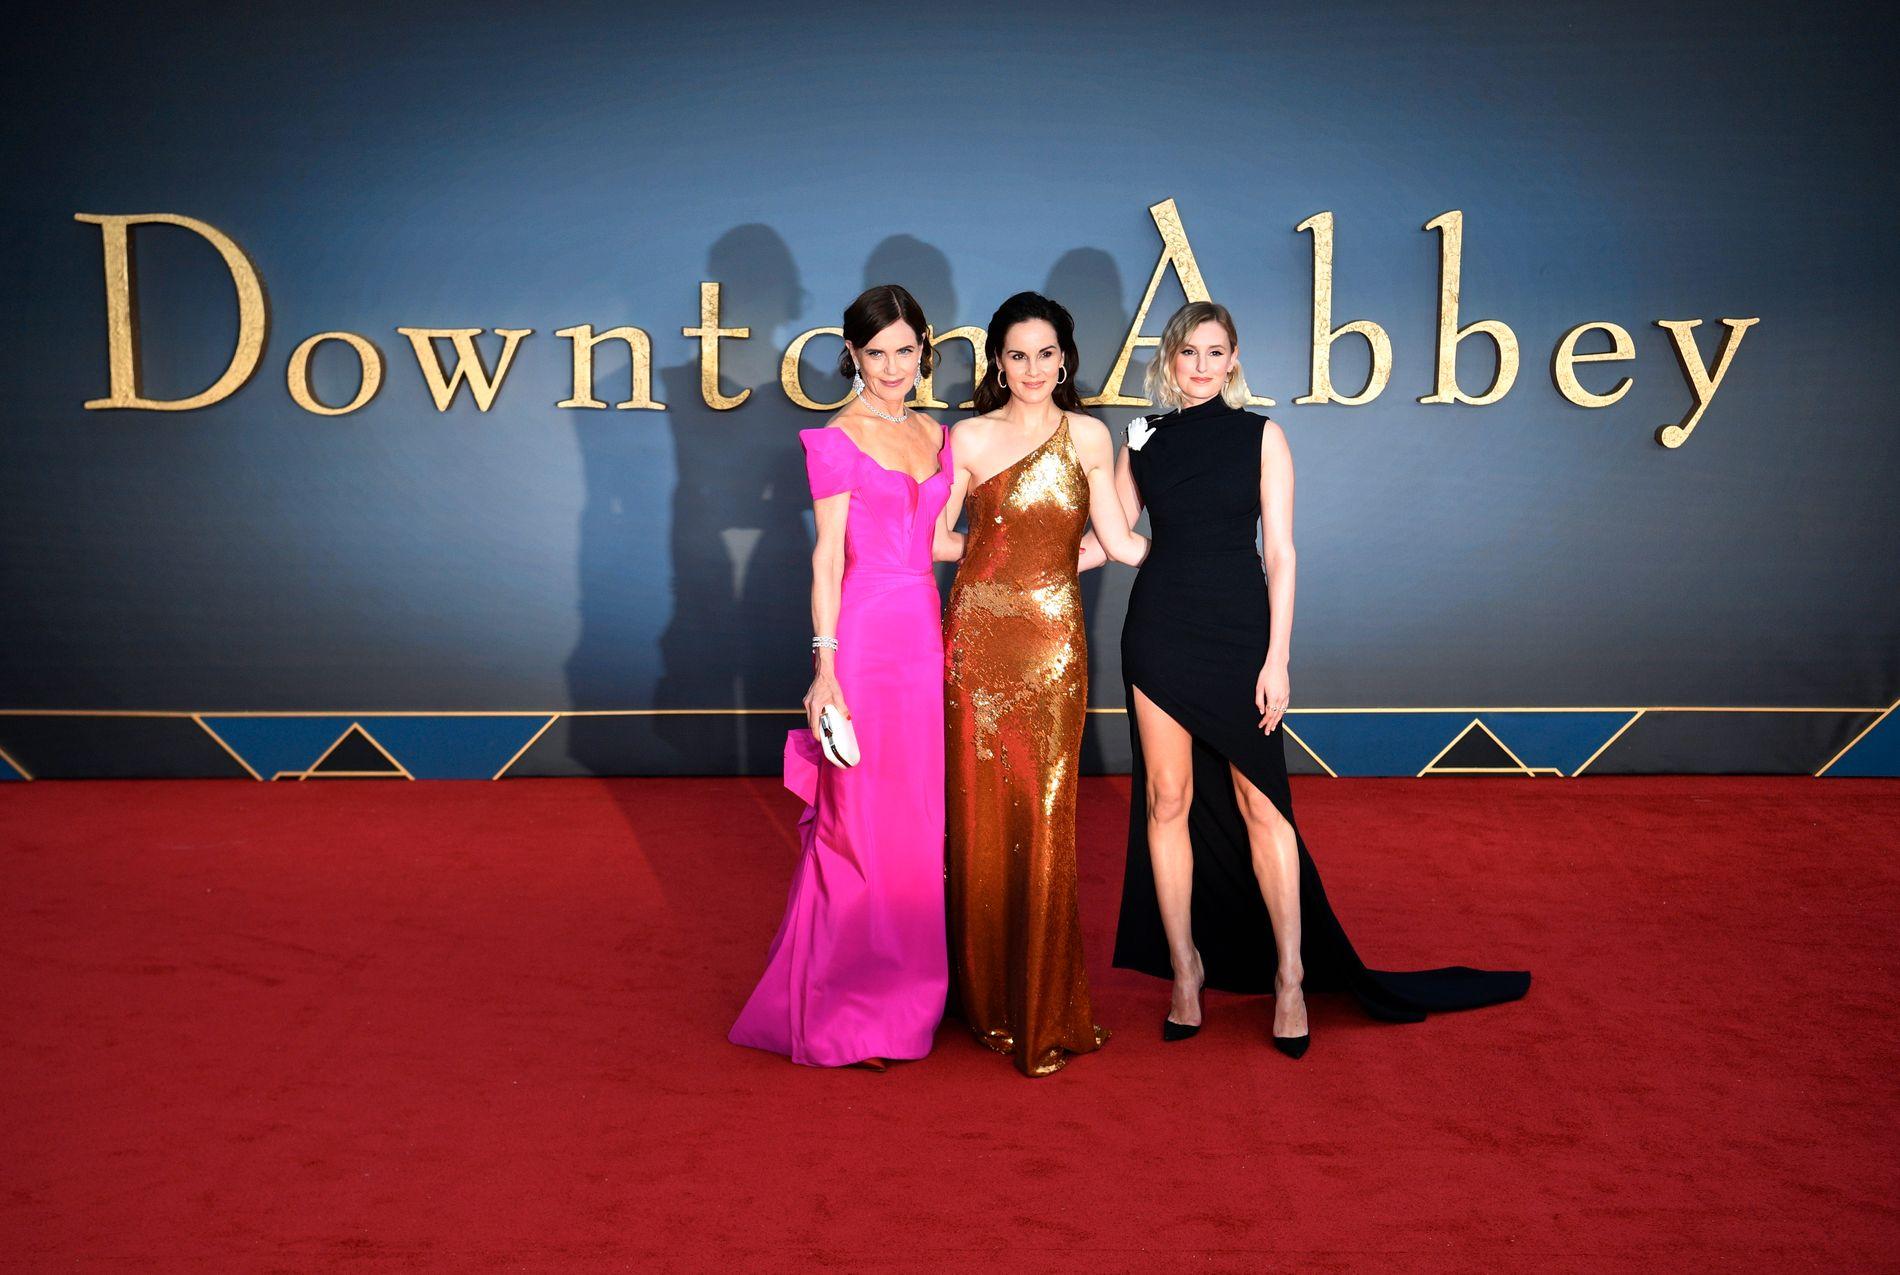 PÅ RØD LØPER: De vakte oppsikt alle tre: Fra venstre Elizabeth McGovern, som spiller moren til Michelle Dockery alias Lady Mary Crawley Laura Carmichael som spiller Lady Edith Crawley både i TV-serien og i filmen.